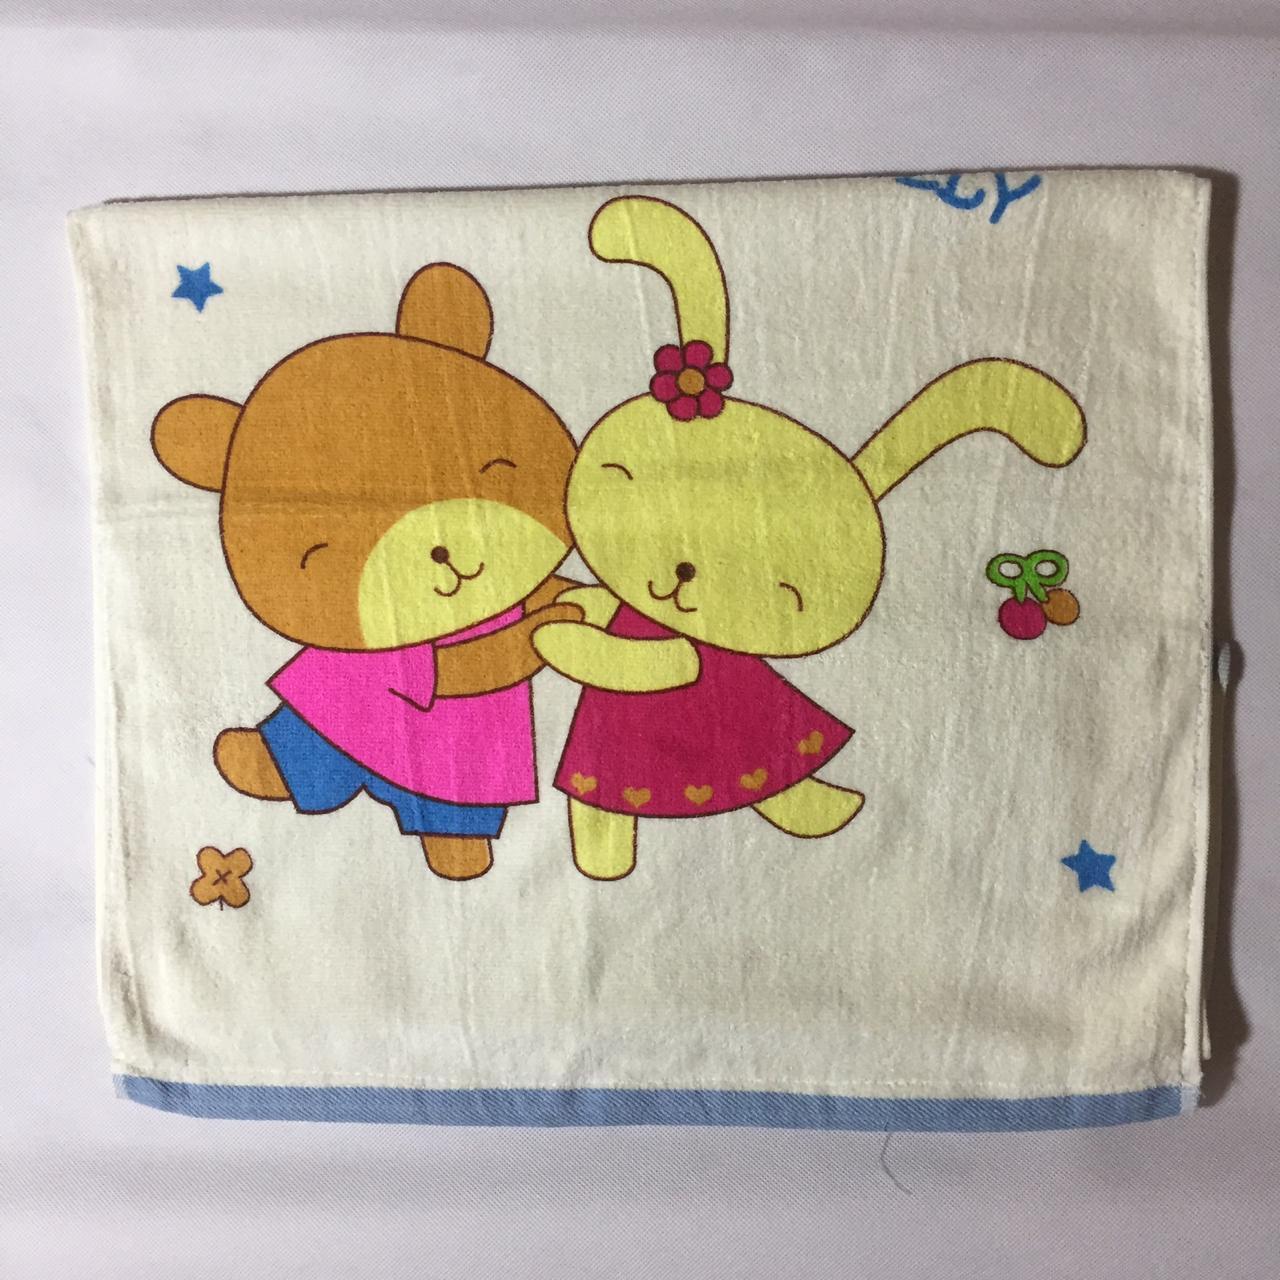 handuk bayi twin tanggung handuk bayi murah lembut di pakai